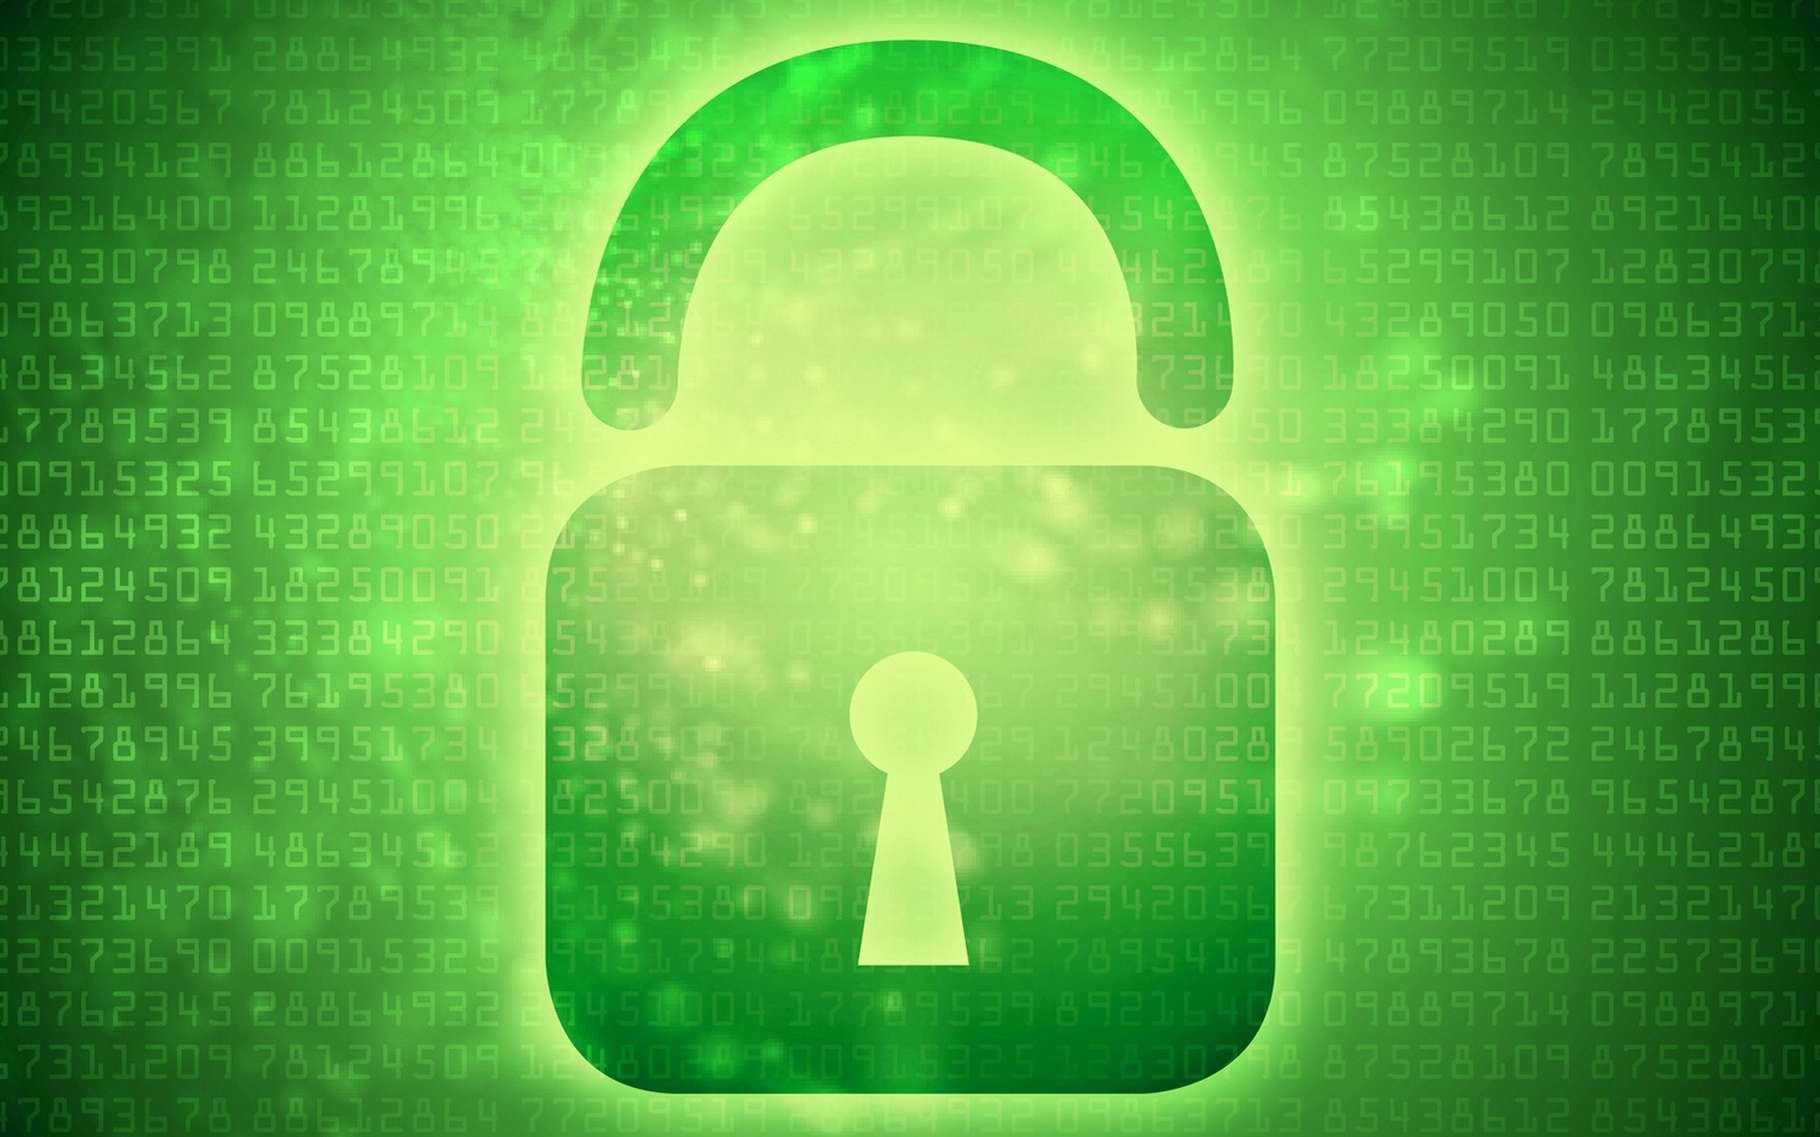 Les systèmes de protection de Google ne sont pas infaillibles et laissent encore passer des applications vérolées. © Kaptn, Fotolia